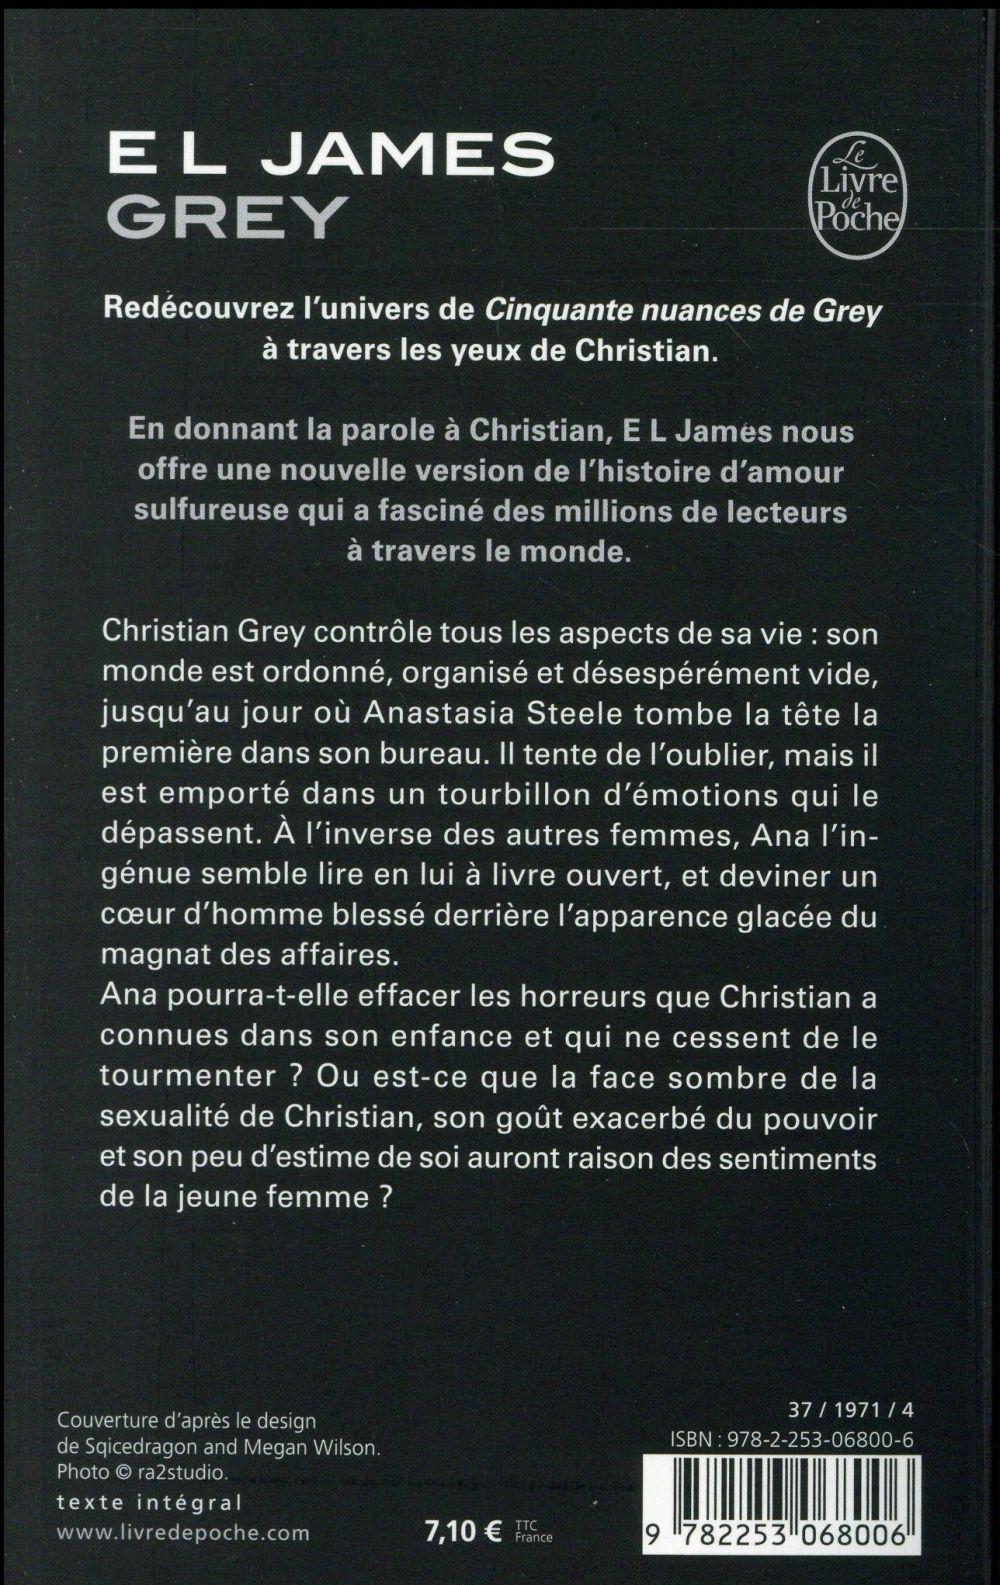 50 Nuance De Grey Livre : nuance, livre, Cinquante, Nuances, Christian, James, Librairie, Generale, Francaise, Poche, Livre, NANCY